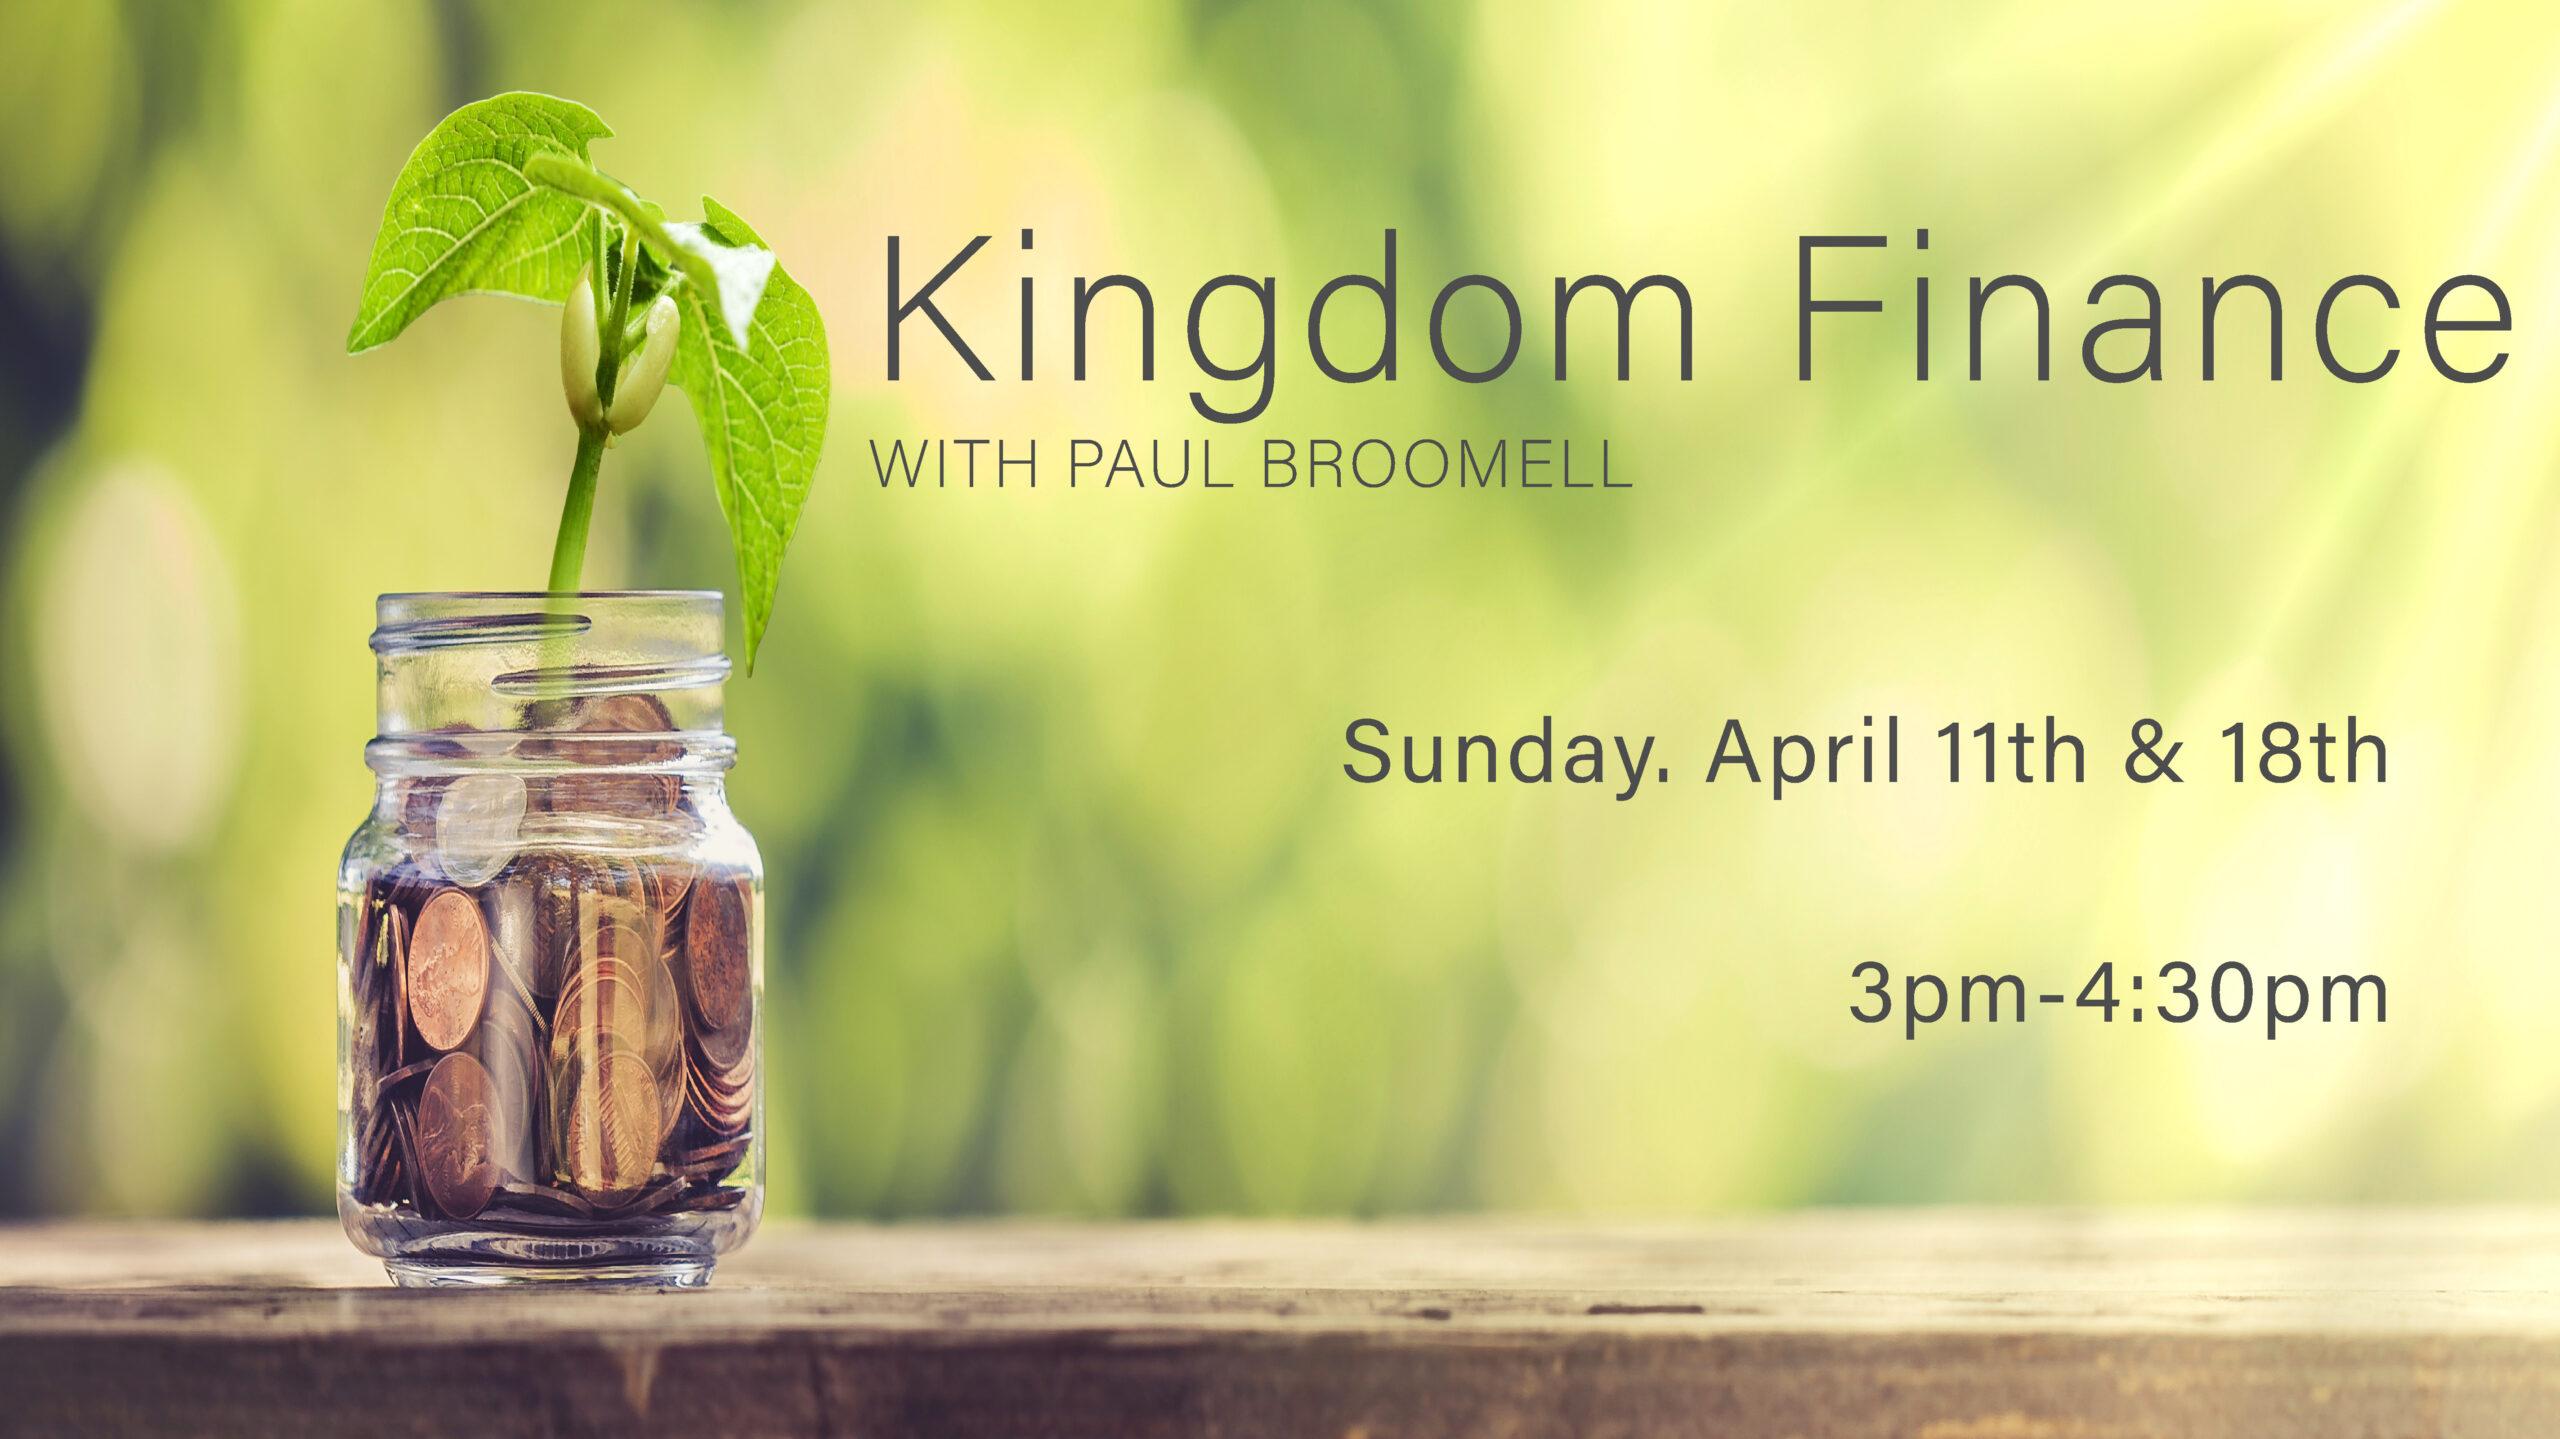 Kingdom Finance Class – Starting April 11th!